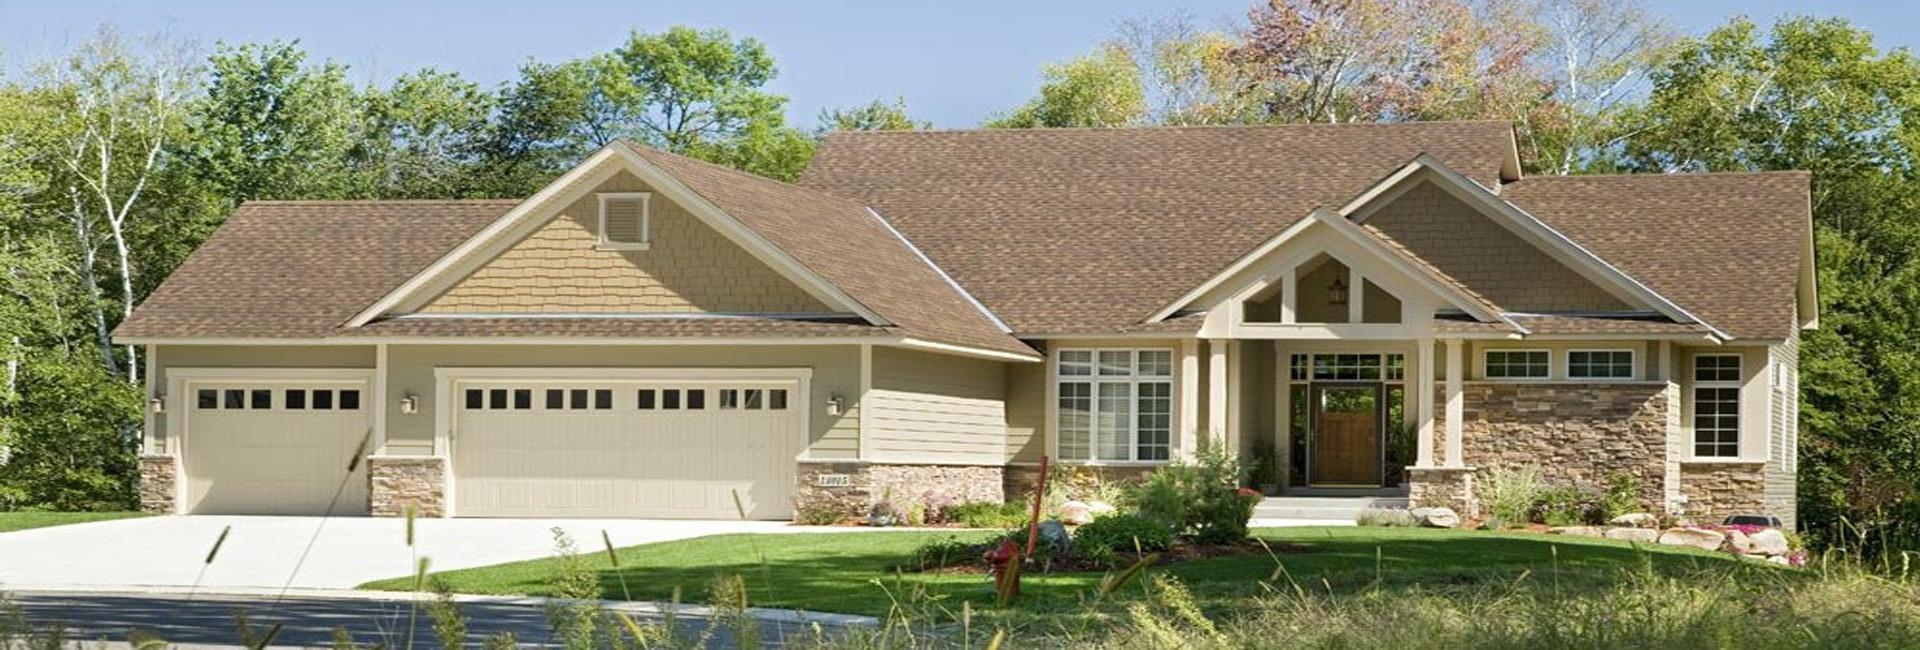 Custom Home Builder In MinnesotaNewmark